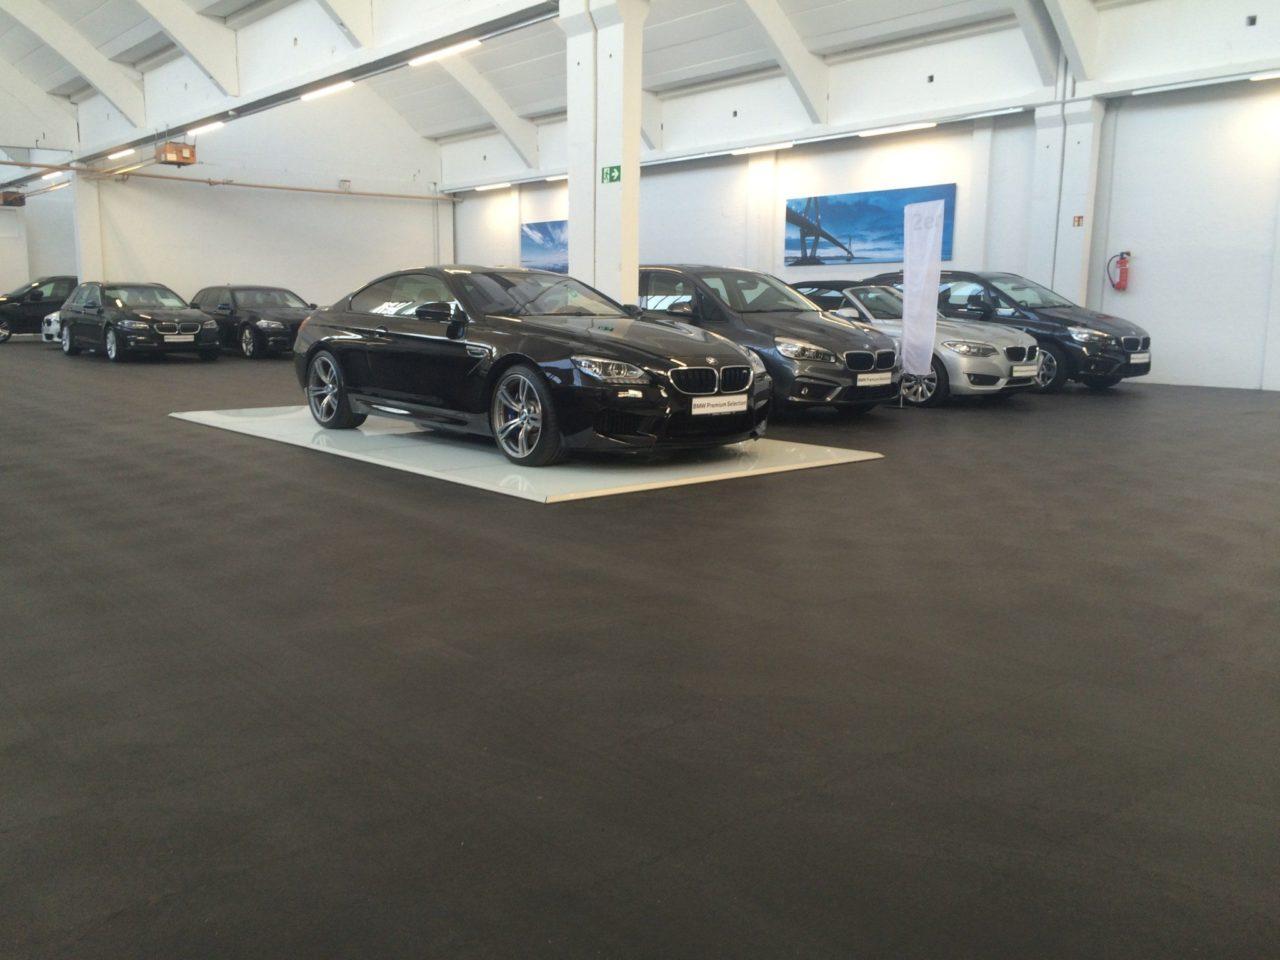 pvc-garagenboden mit klicksystem aus fliesen/platten – pvc